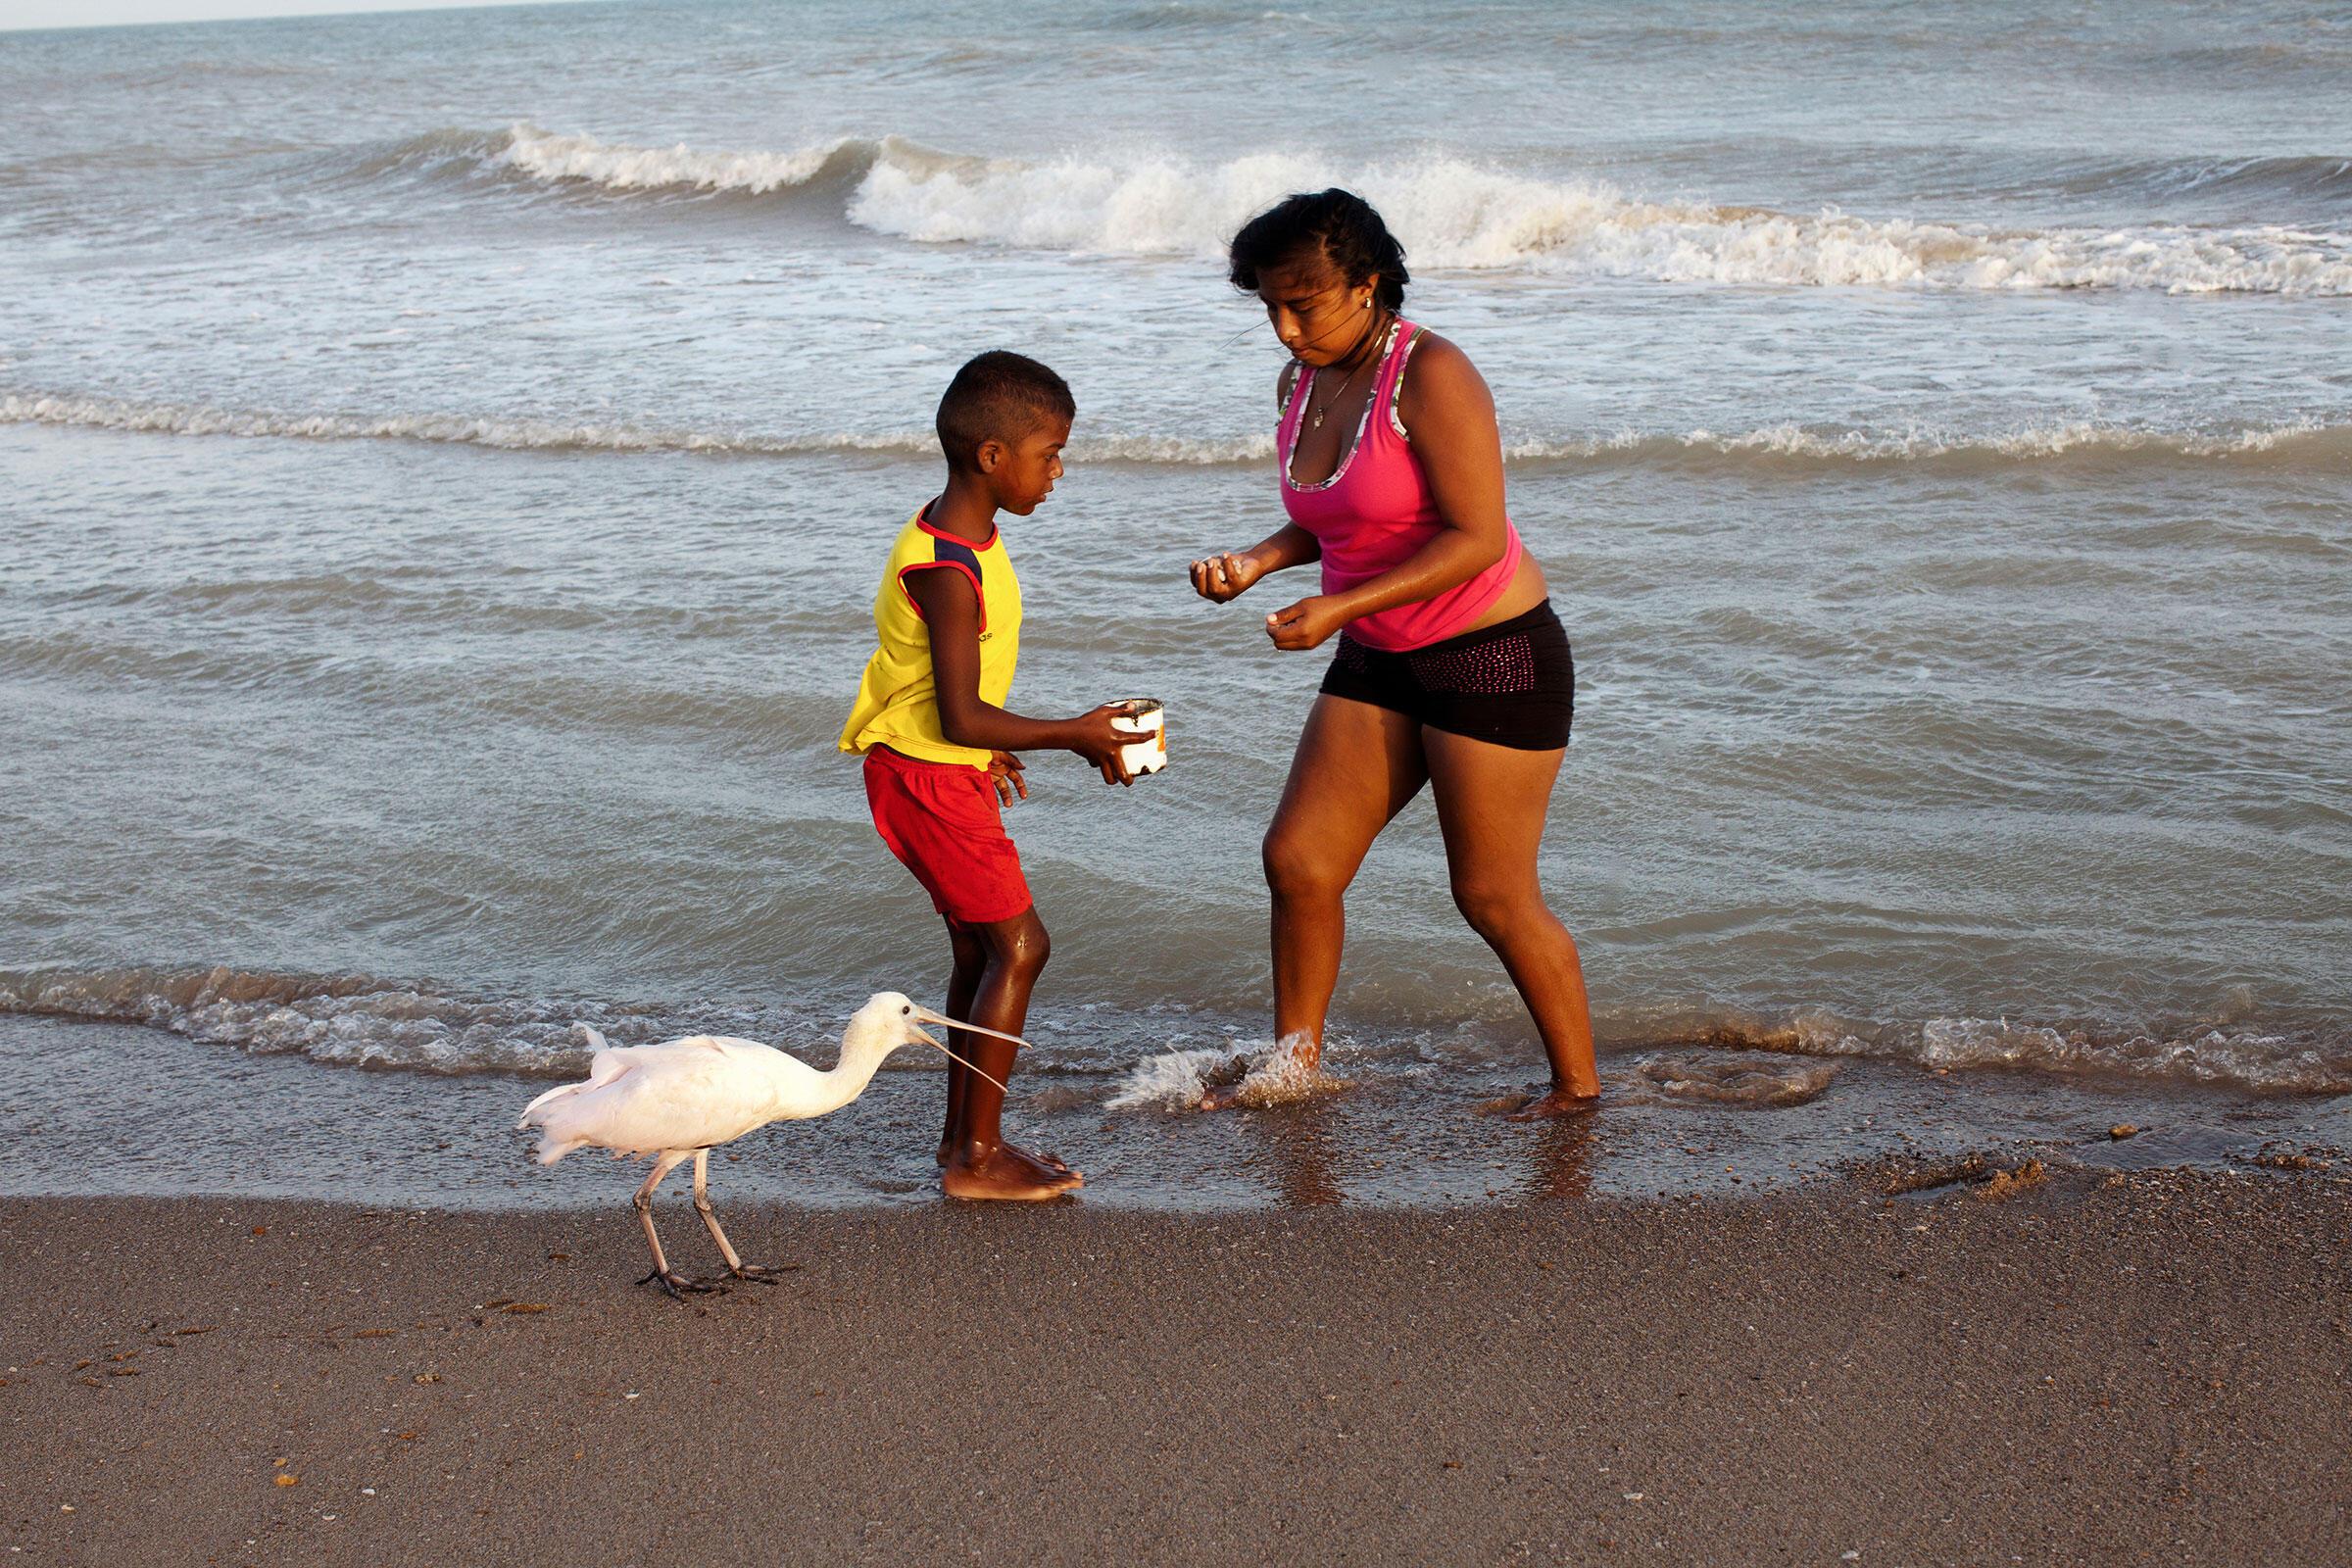 Dos habitantes del Santuario Los Flamencos y su dócil Espátula Rosada observan las olas en busca de mariscos y caracoles en la madrugada. Carlos Villalón